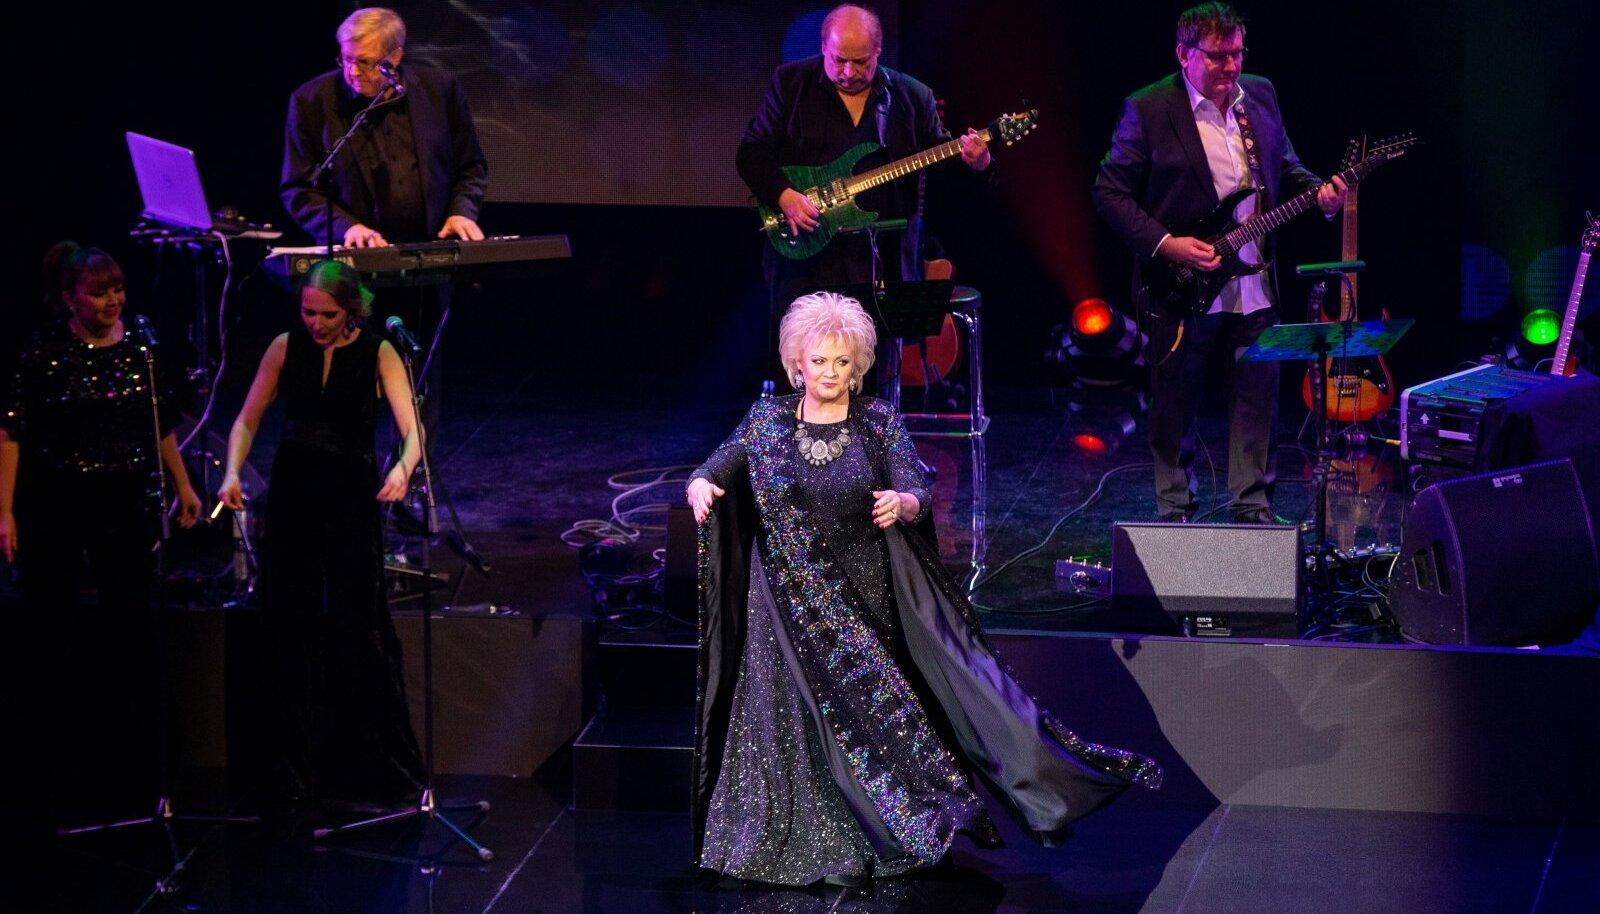 Anne Veski sünnipäevakontsert